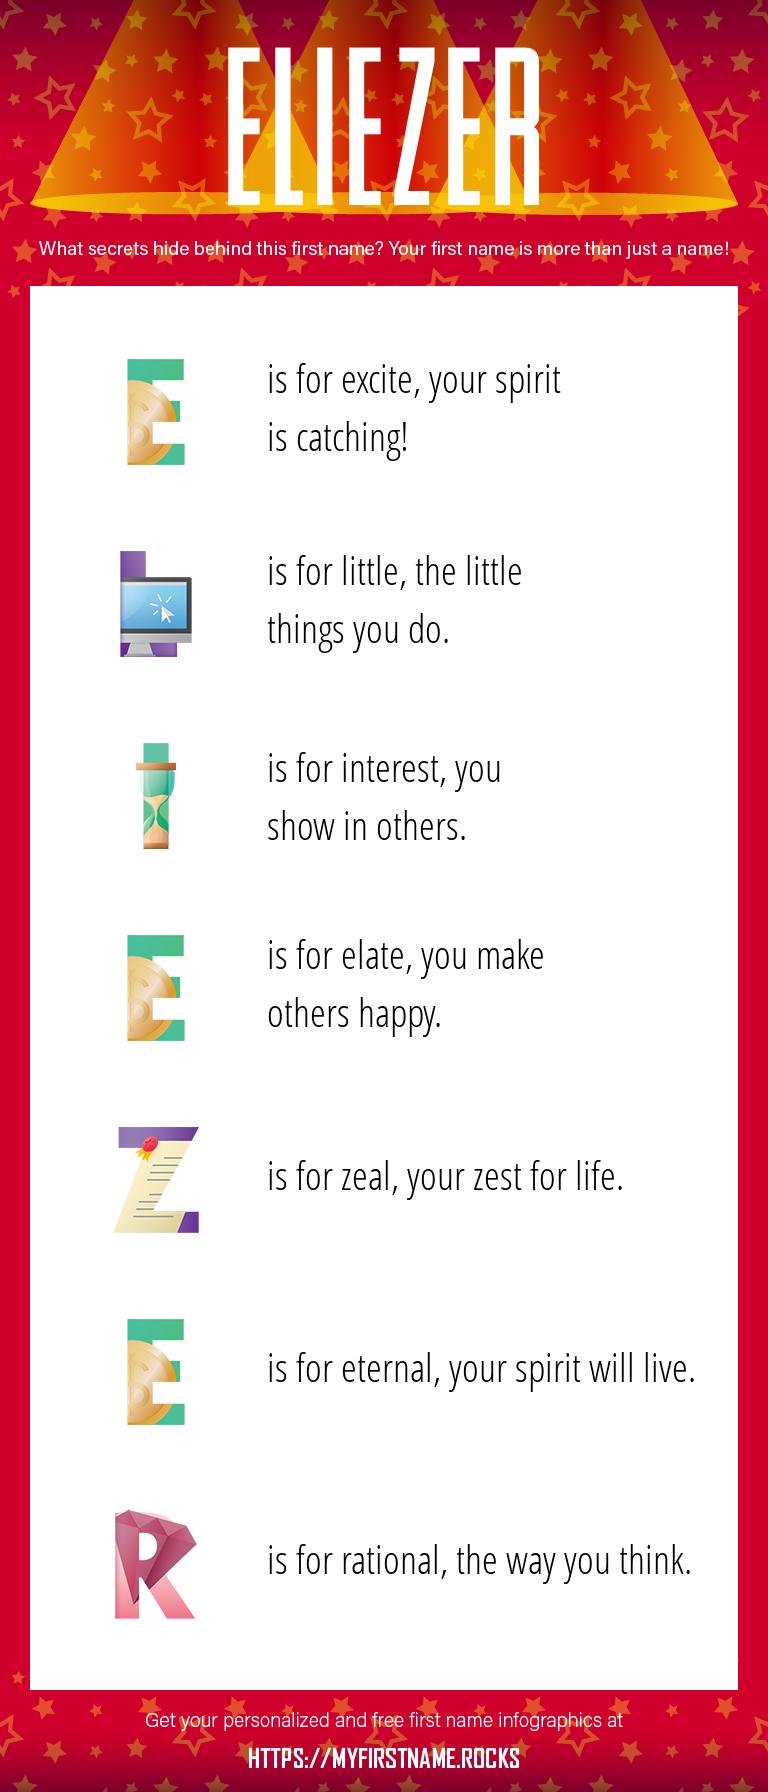 Eliezer Infographics